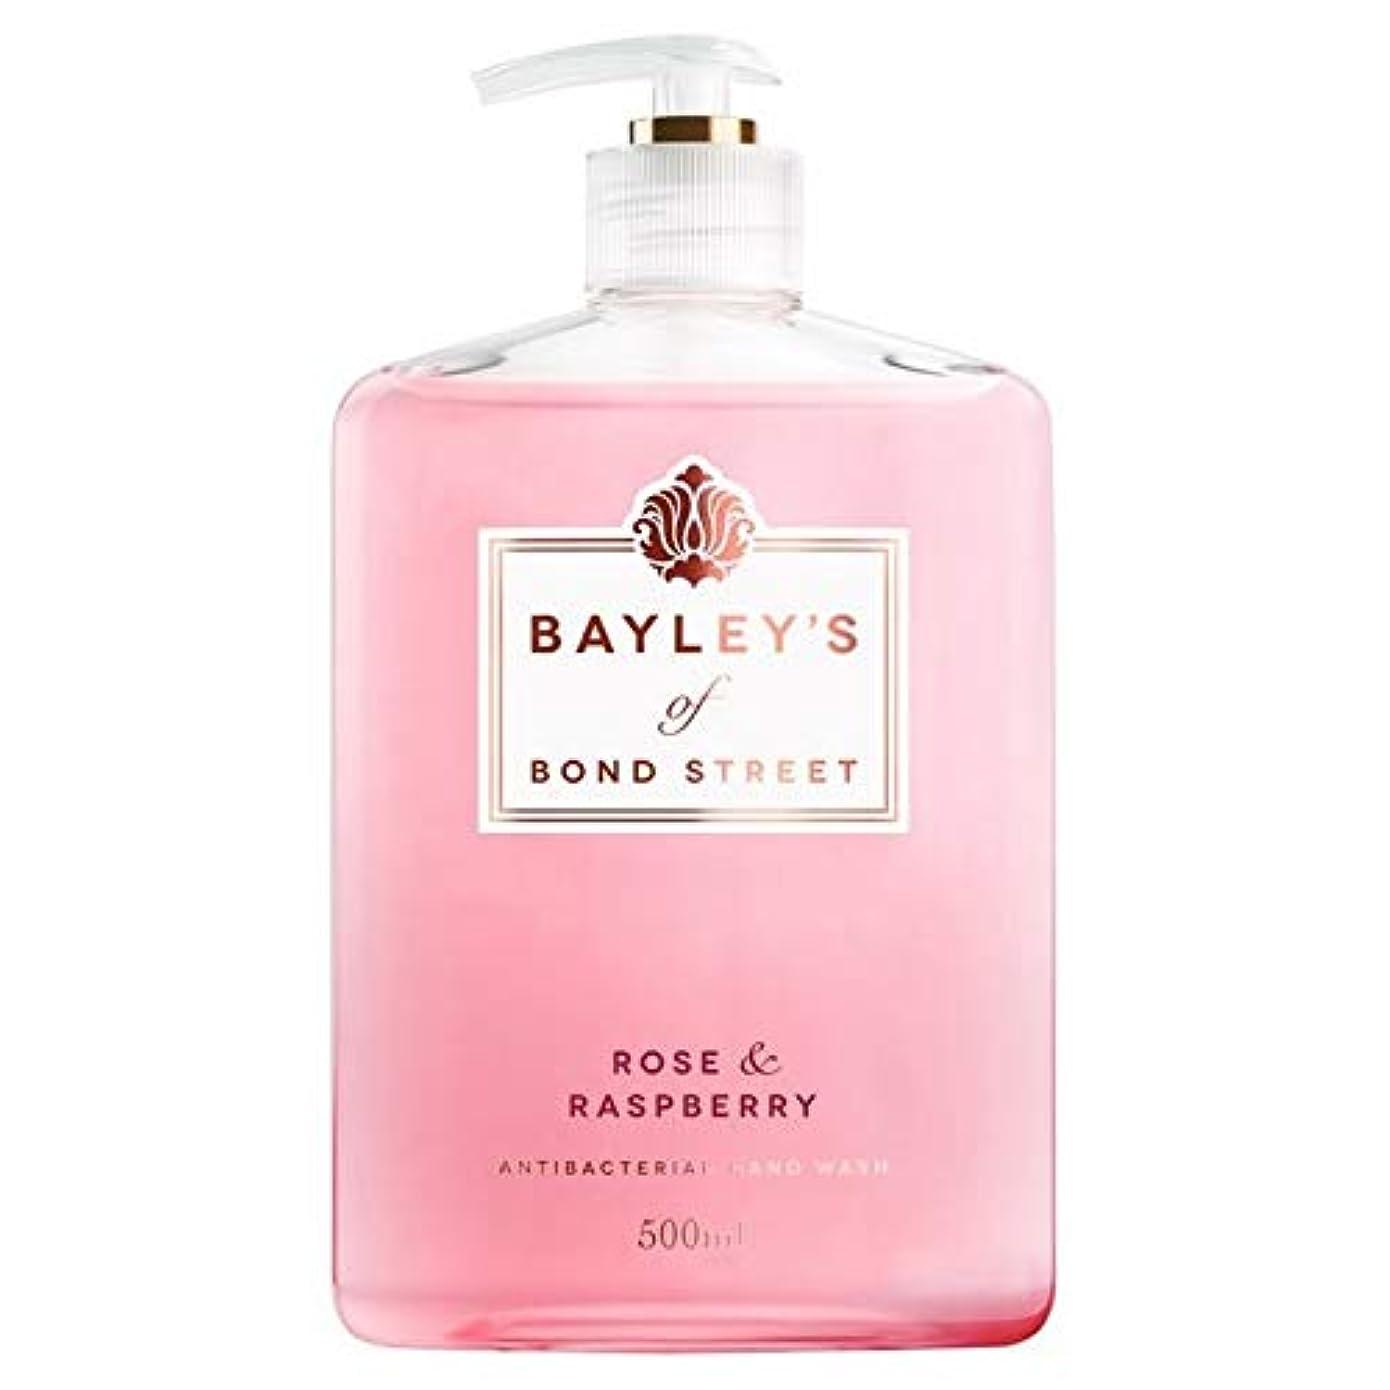 ケーブル害虫しかし[Bayley's of Bond Street ] ベイリーのボンドストリートのは、ローズ&ラズベリーのハンドウォッシュ500ミリリットル - Bayley's of Bond Street Rose & Raspberry...